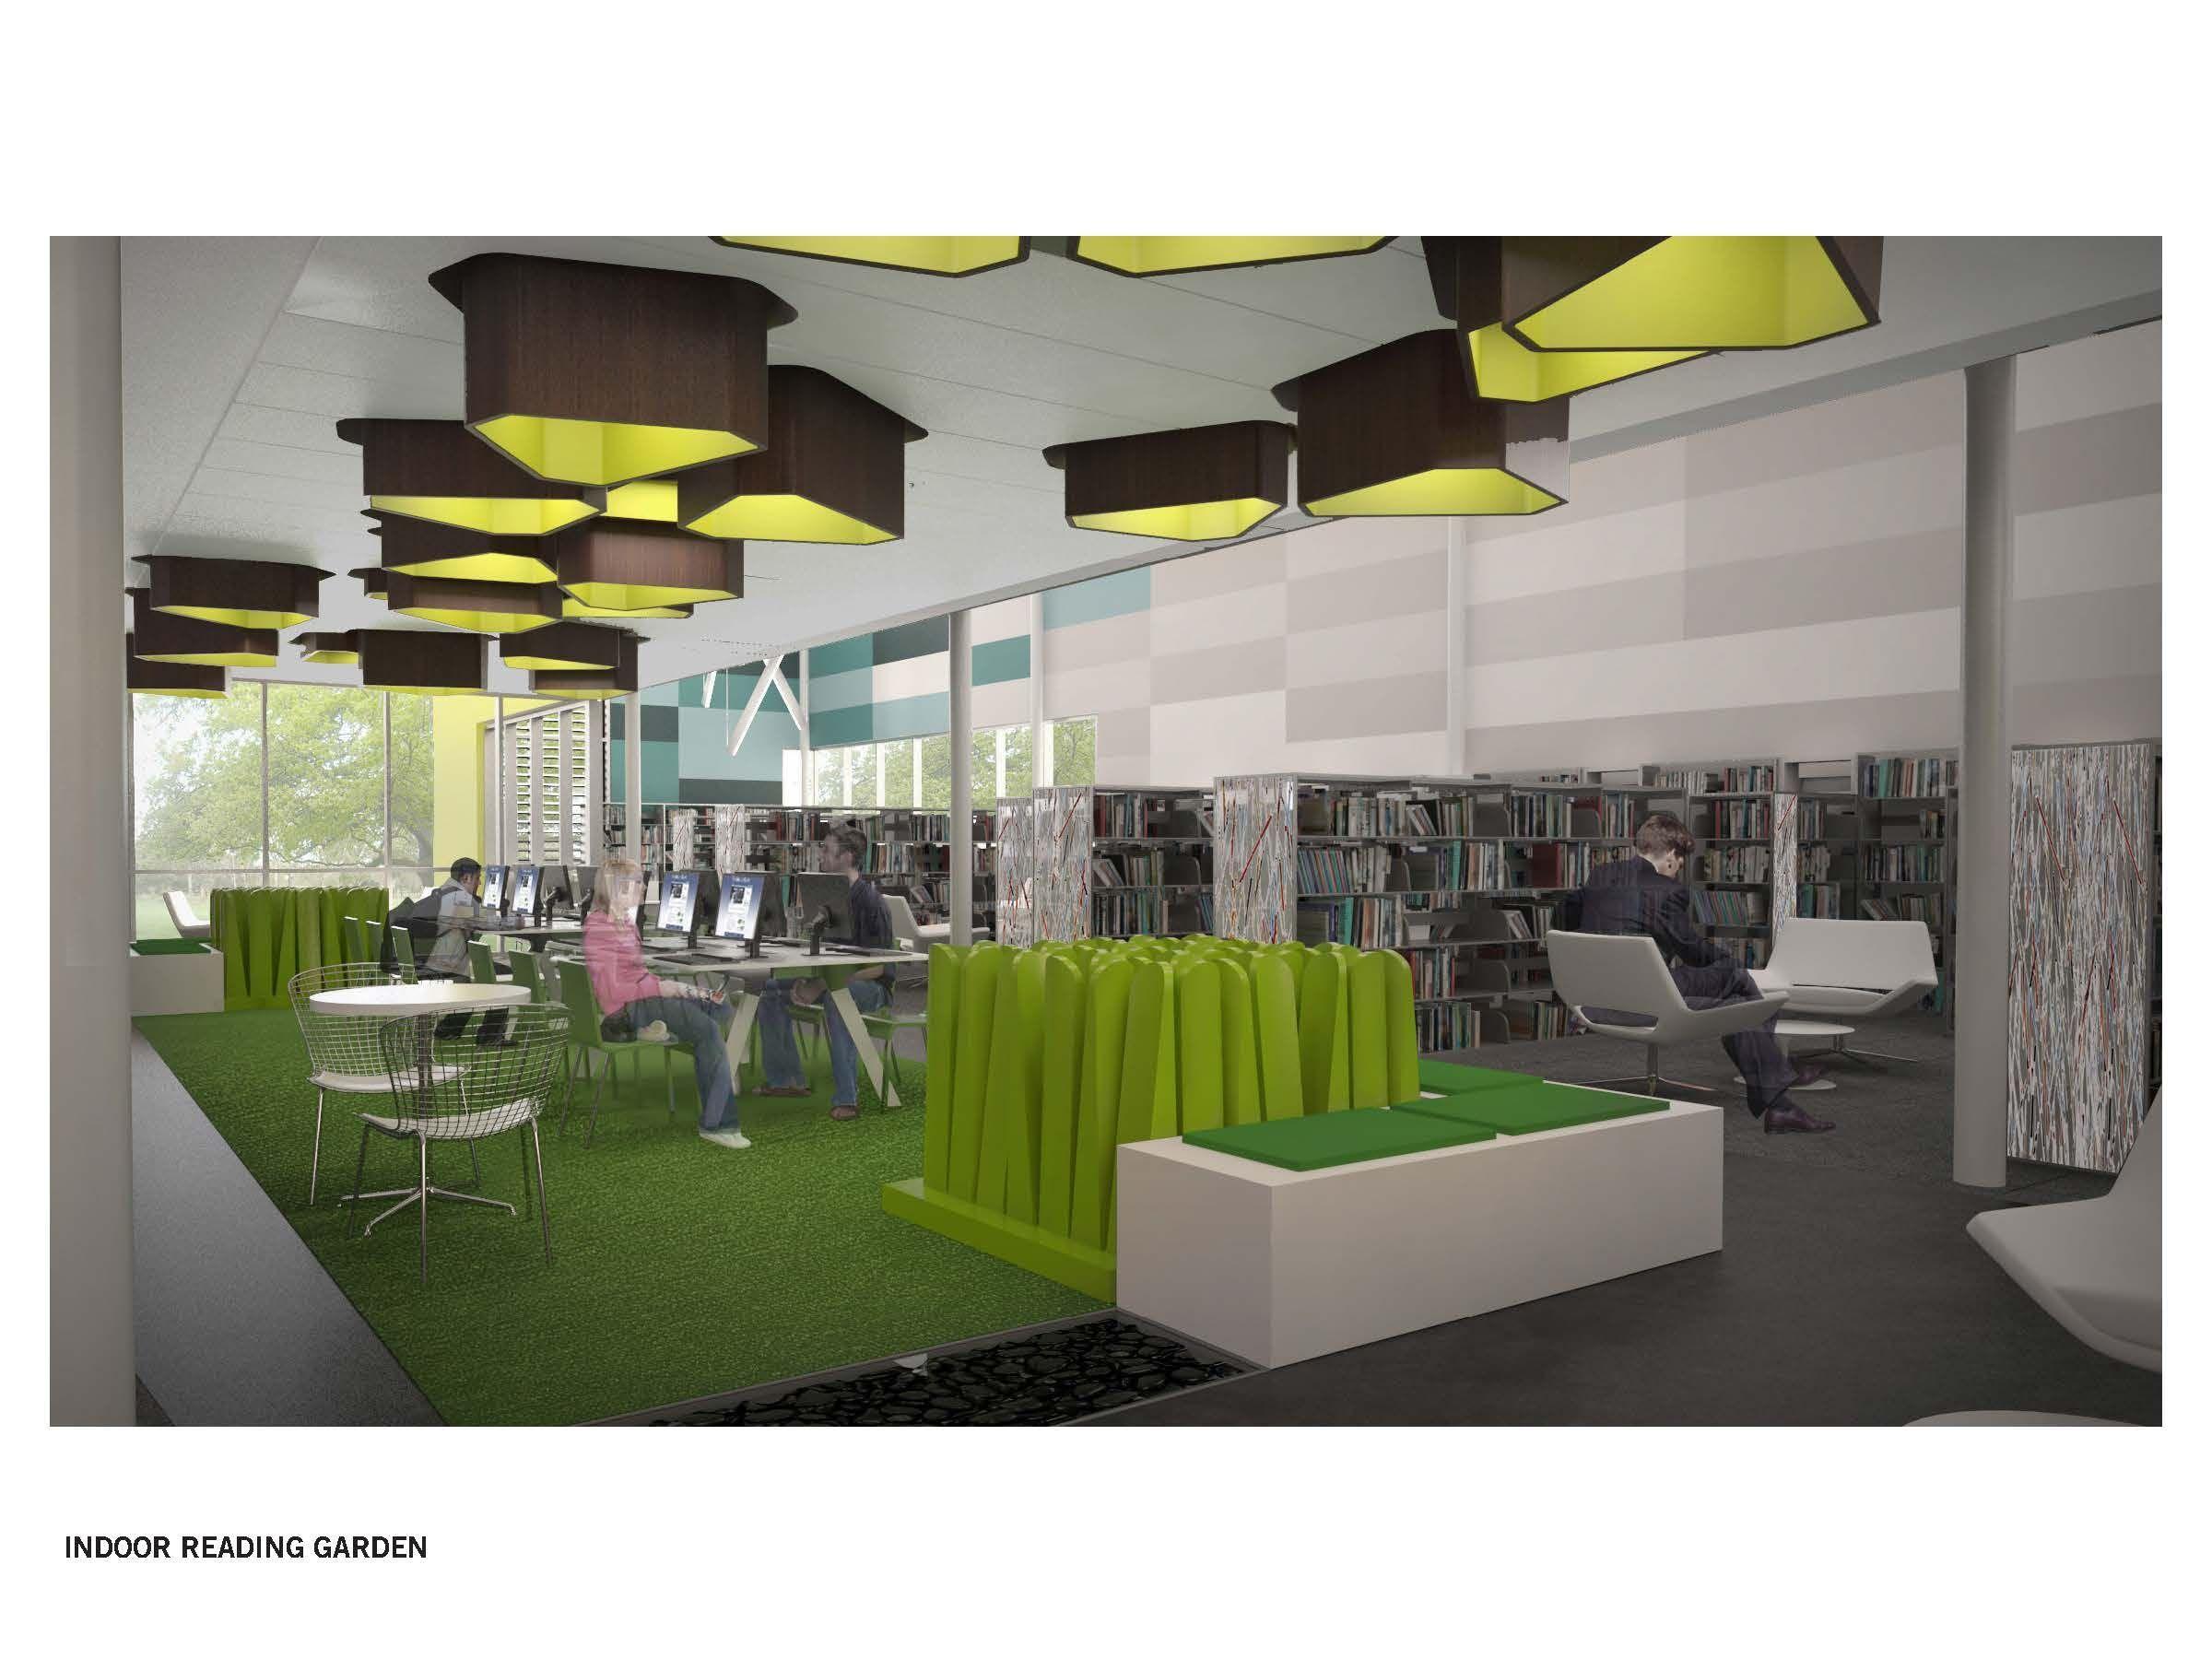 Aia Dallas Design Awards Interior Design Awards Interior Design School Design Awards